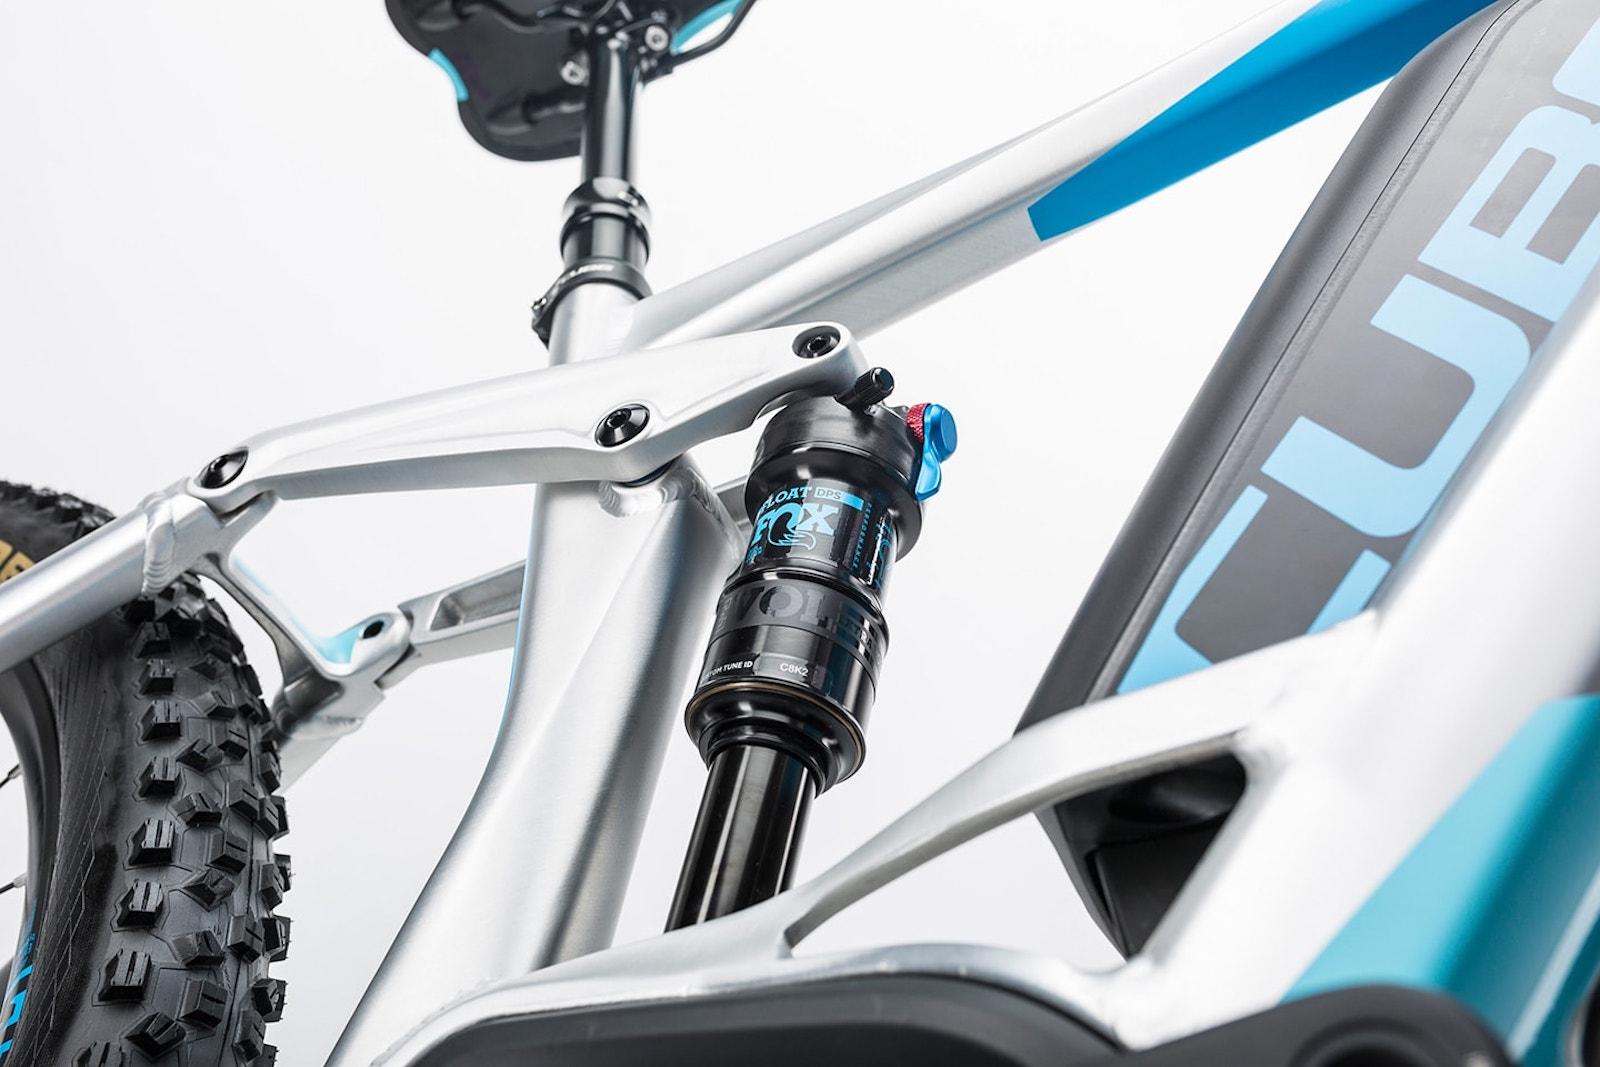 vtt-electrique-cube-stereo-hybrid-160-race-hpa-vente-location-les-roues-de-lilou-07